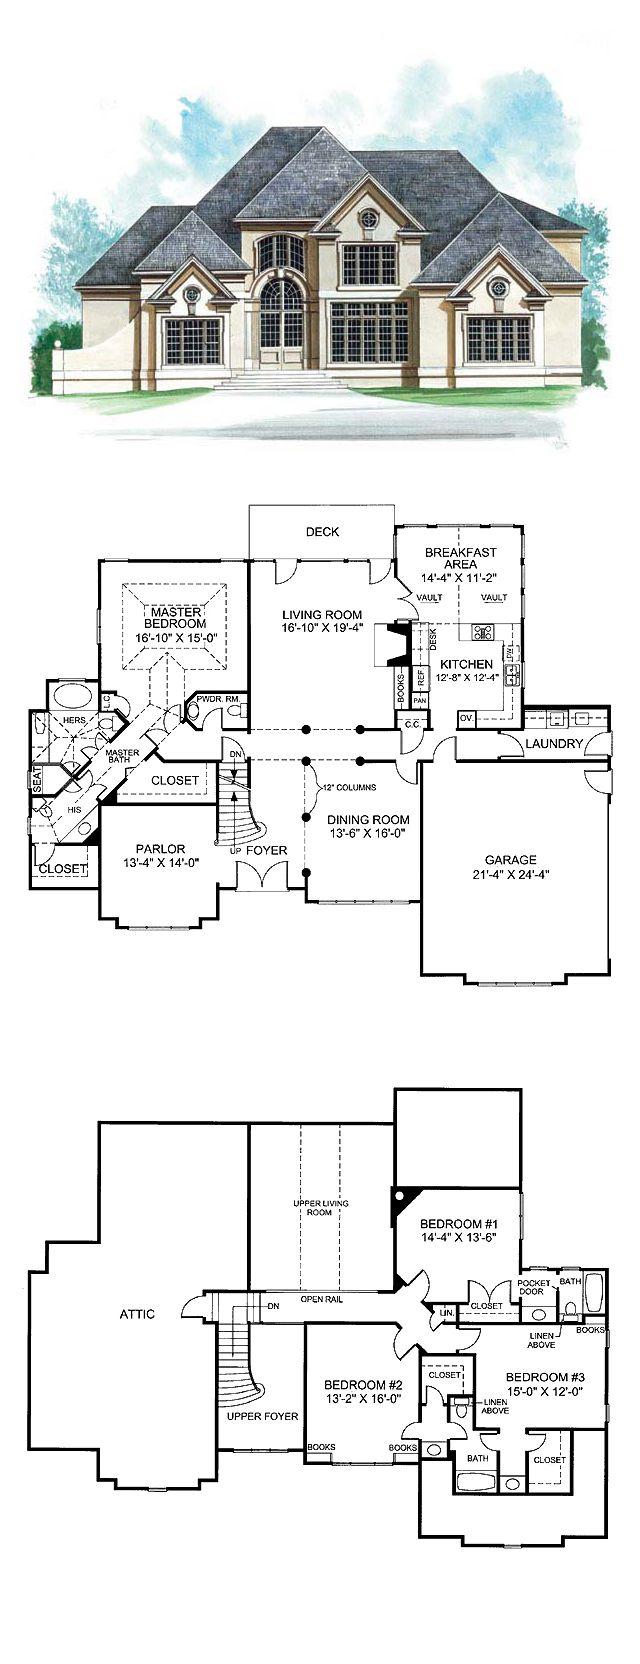 Greek Revival House Plan 72150   Total Living Area: 3152 sq. ft., 4 bedrooms & 5.5 bathrooms. #greekrevival #houseplan